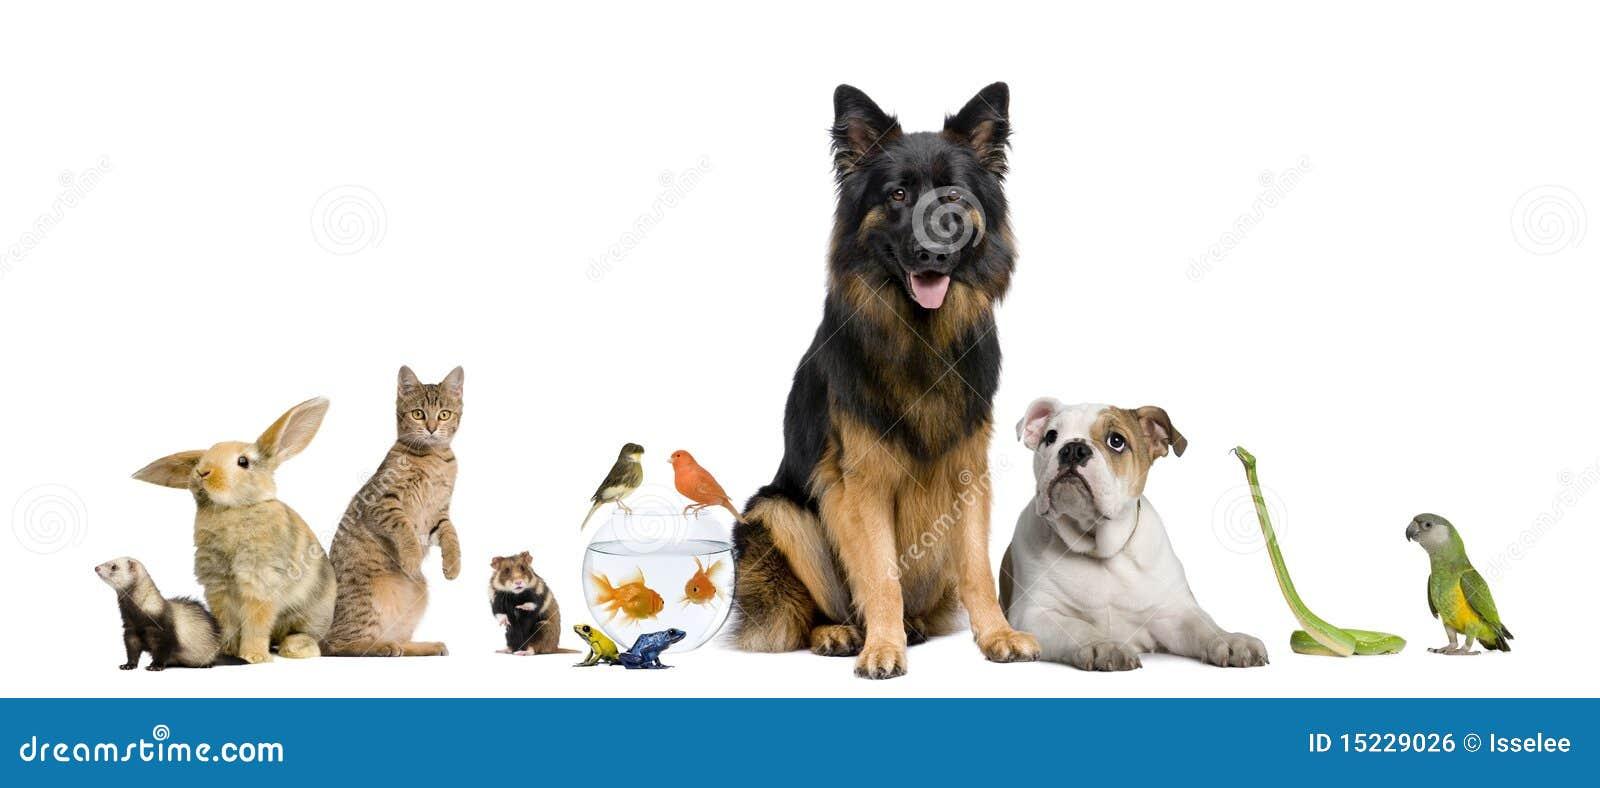 Gruppo di animali domestici insieme immagine stock libera for Rivista di programmi domestici